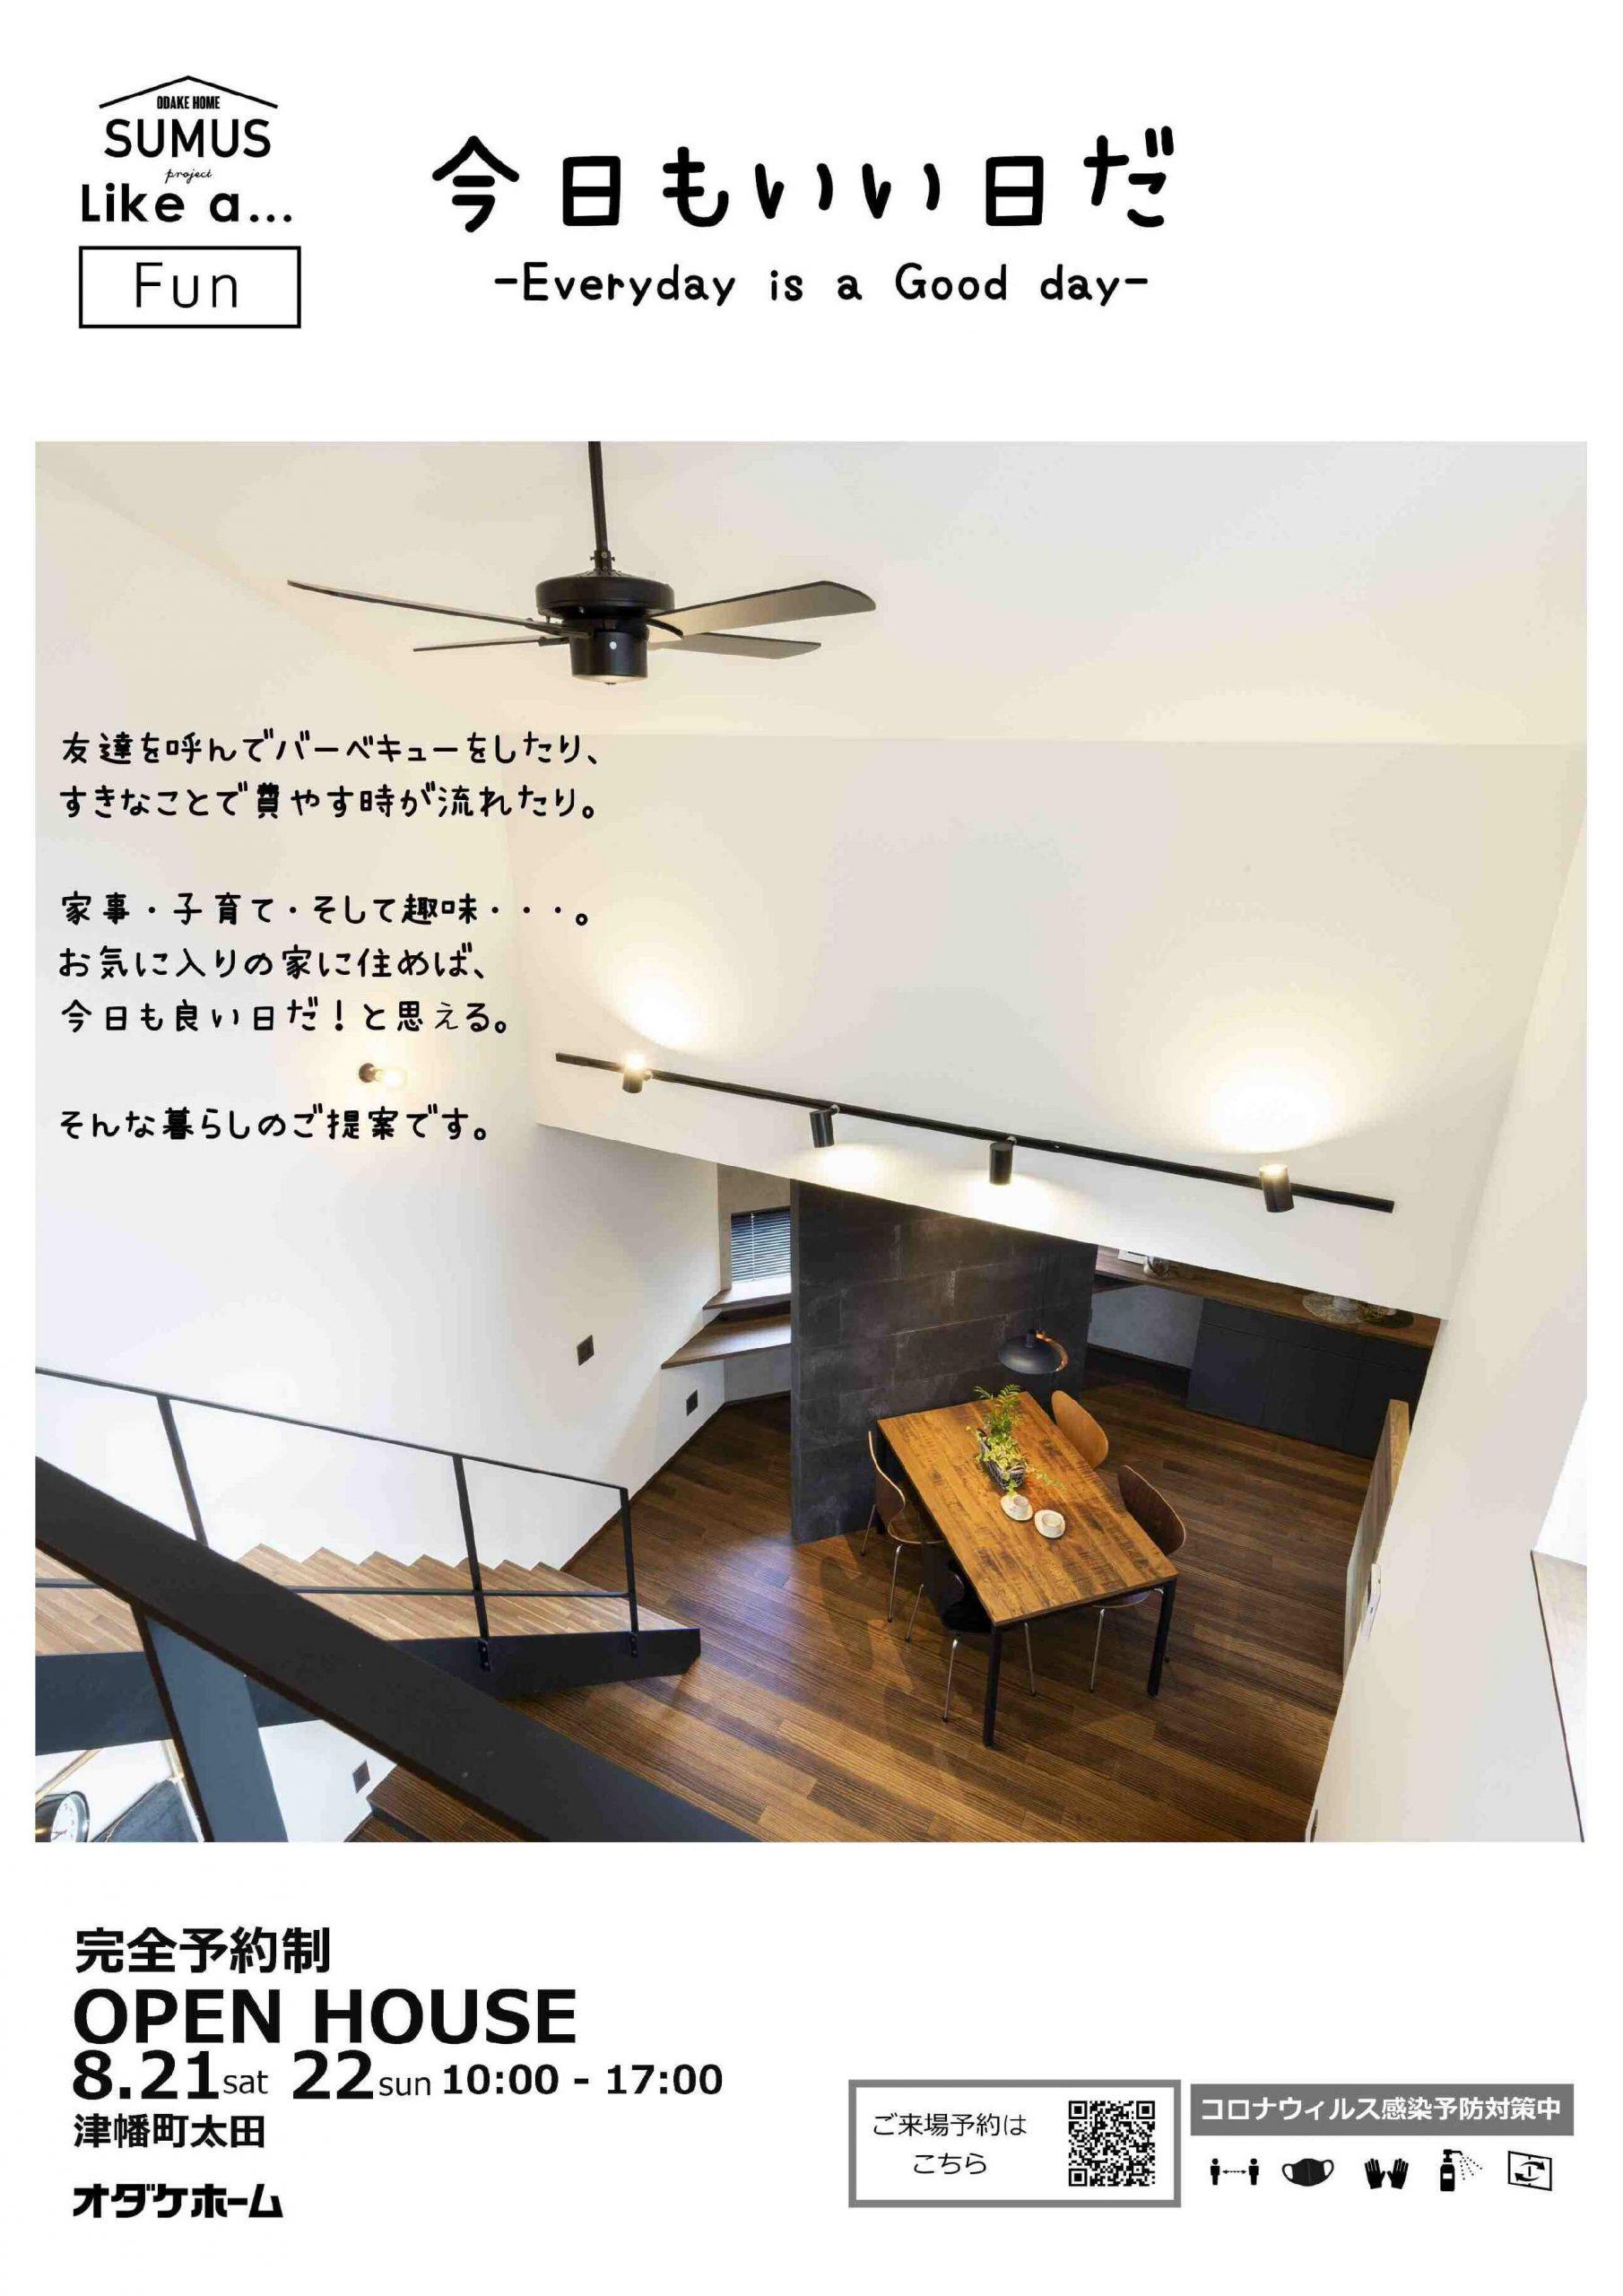 8/21(土)~22(日)津幡町太田モデルハウスOPEN HOUSE 【予約制】